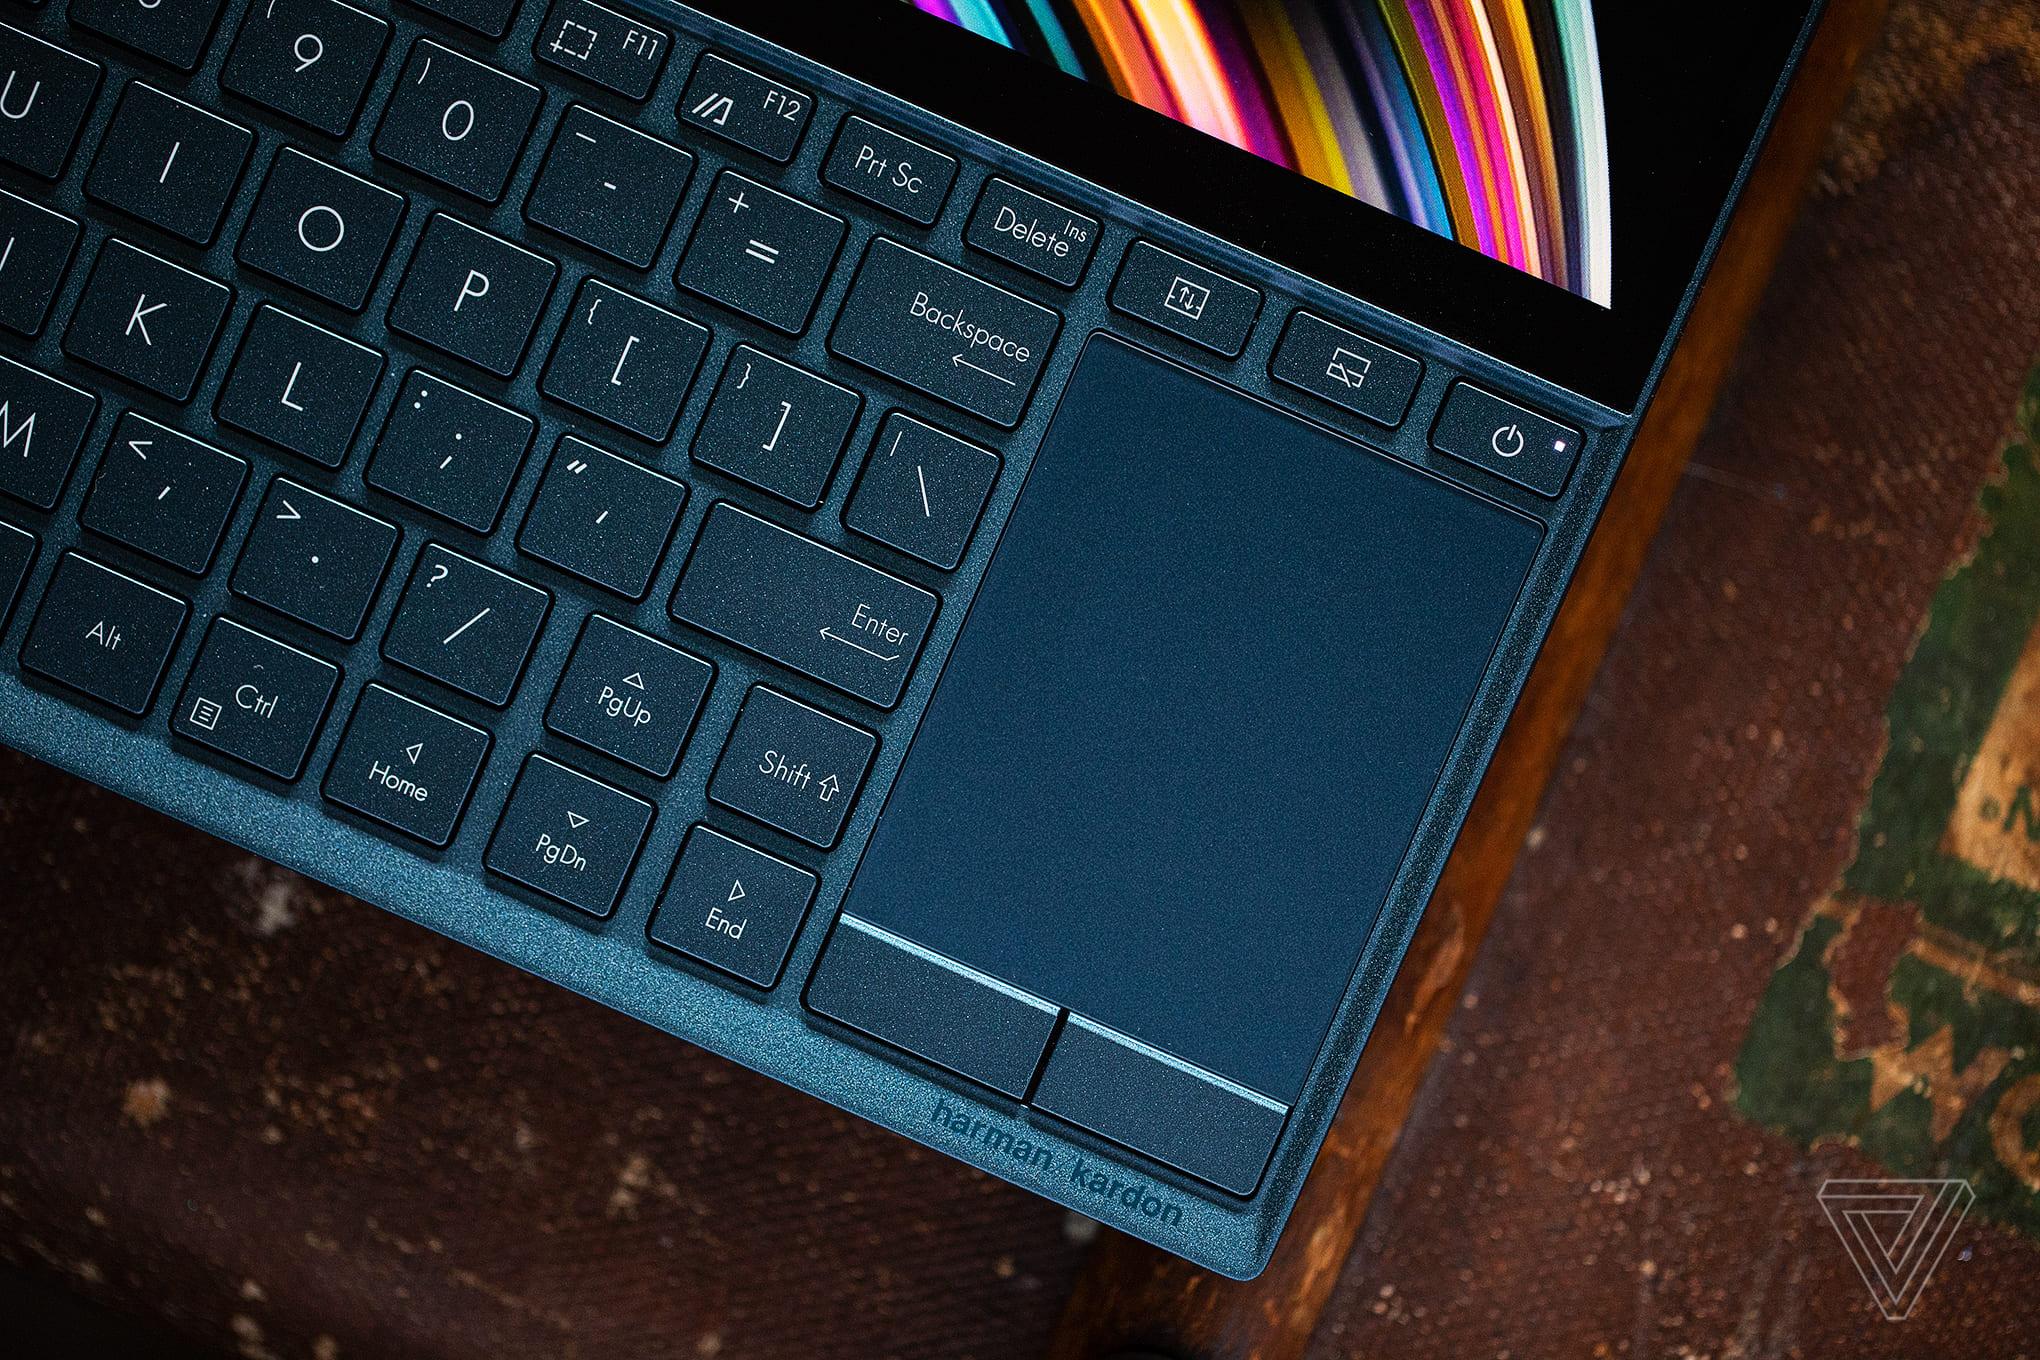 Đánh giá laptop Asus ZenBook Duo: Quá nhiều thứ phải đánh đổi chỉ để có… hai màn hình!